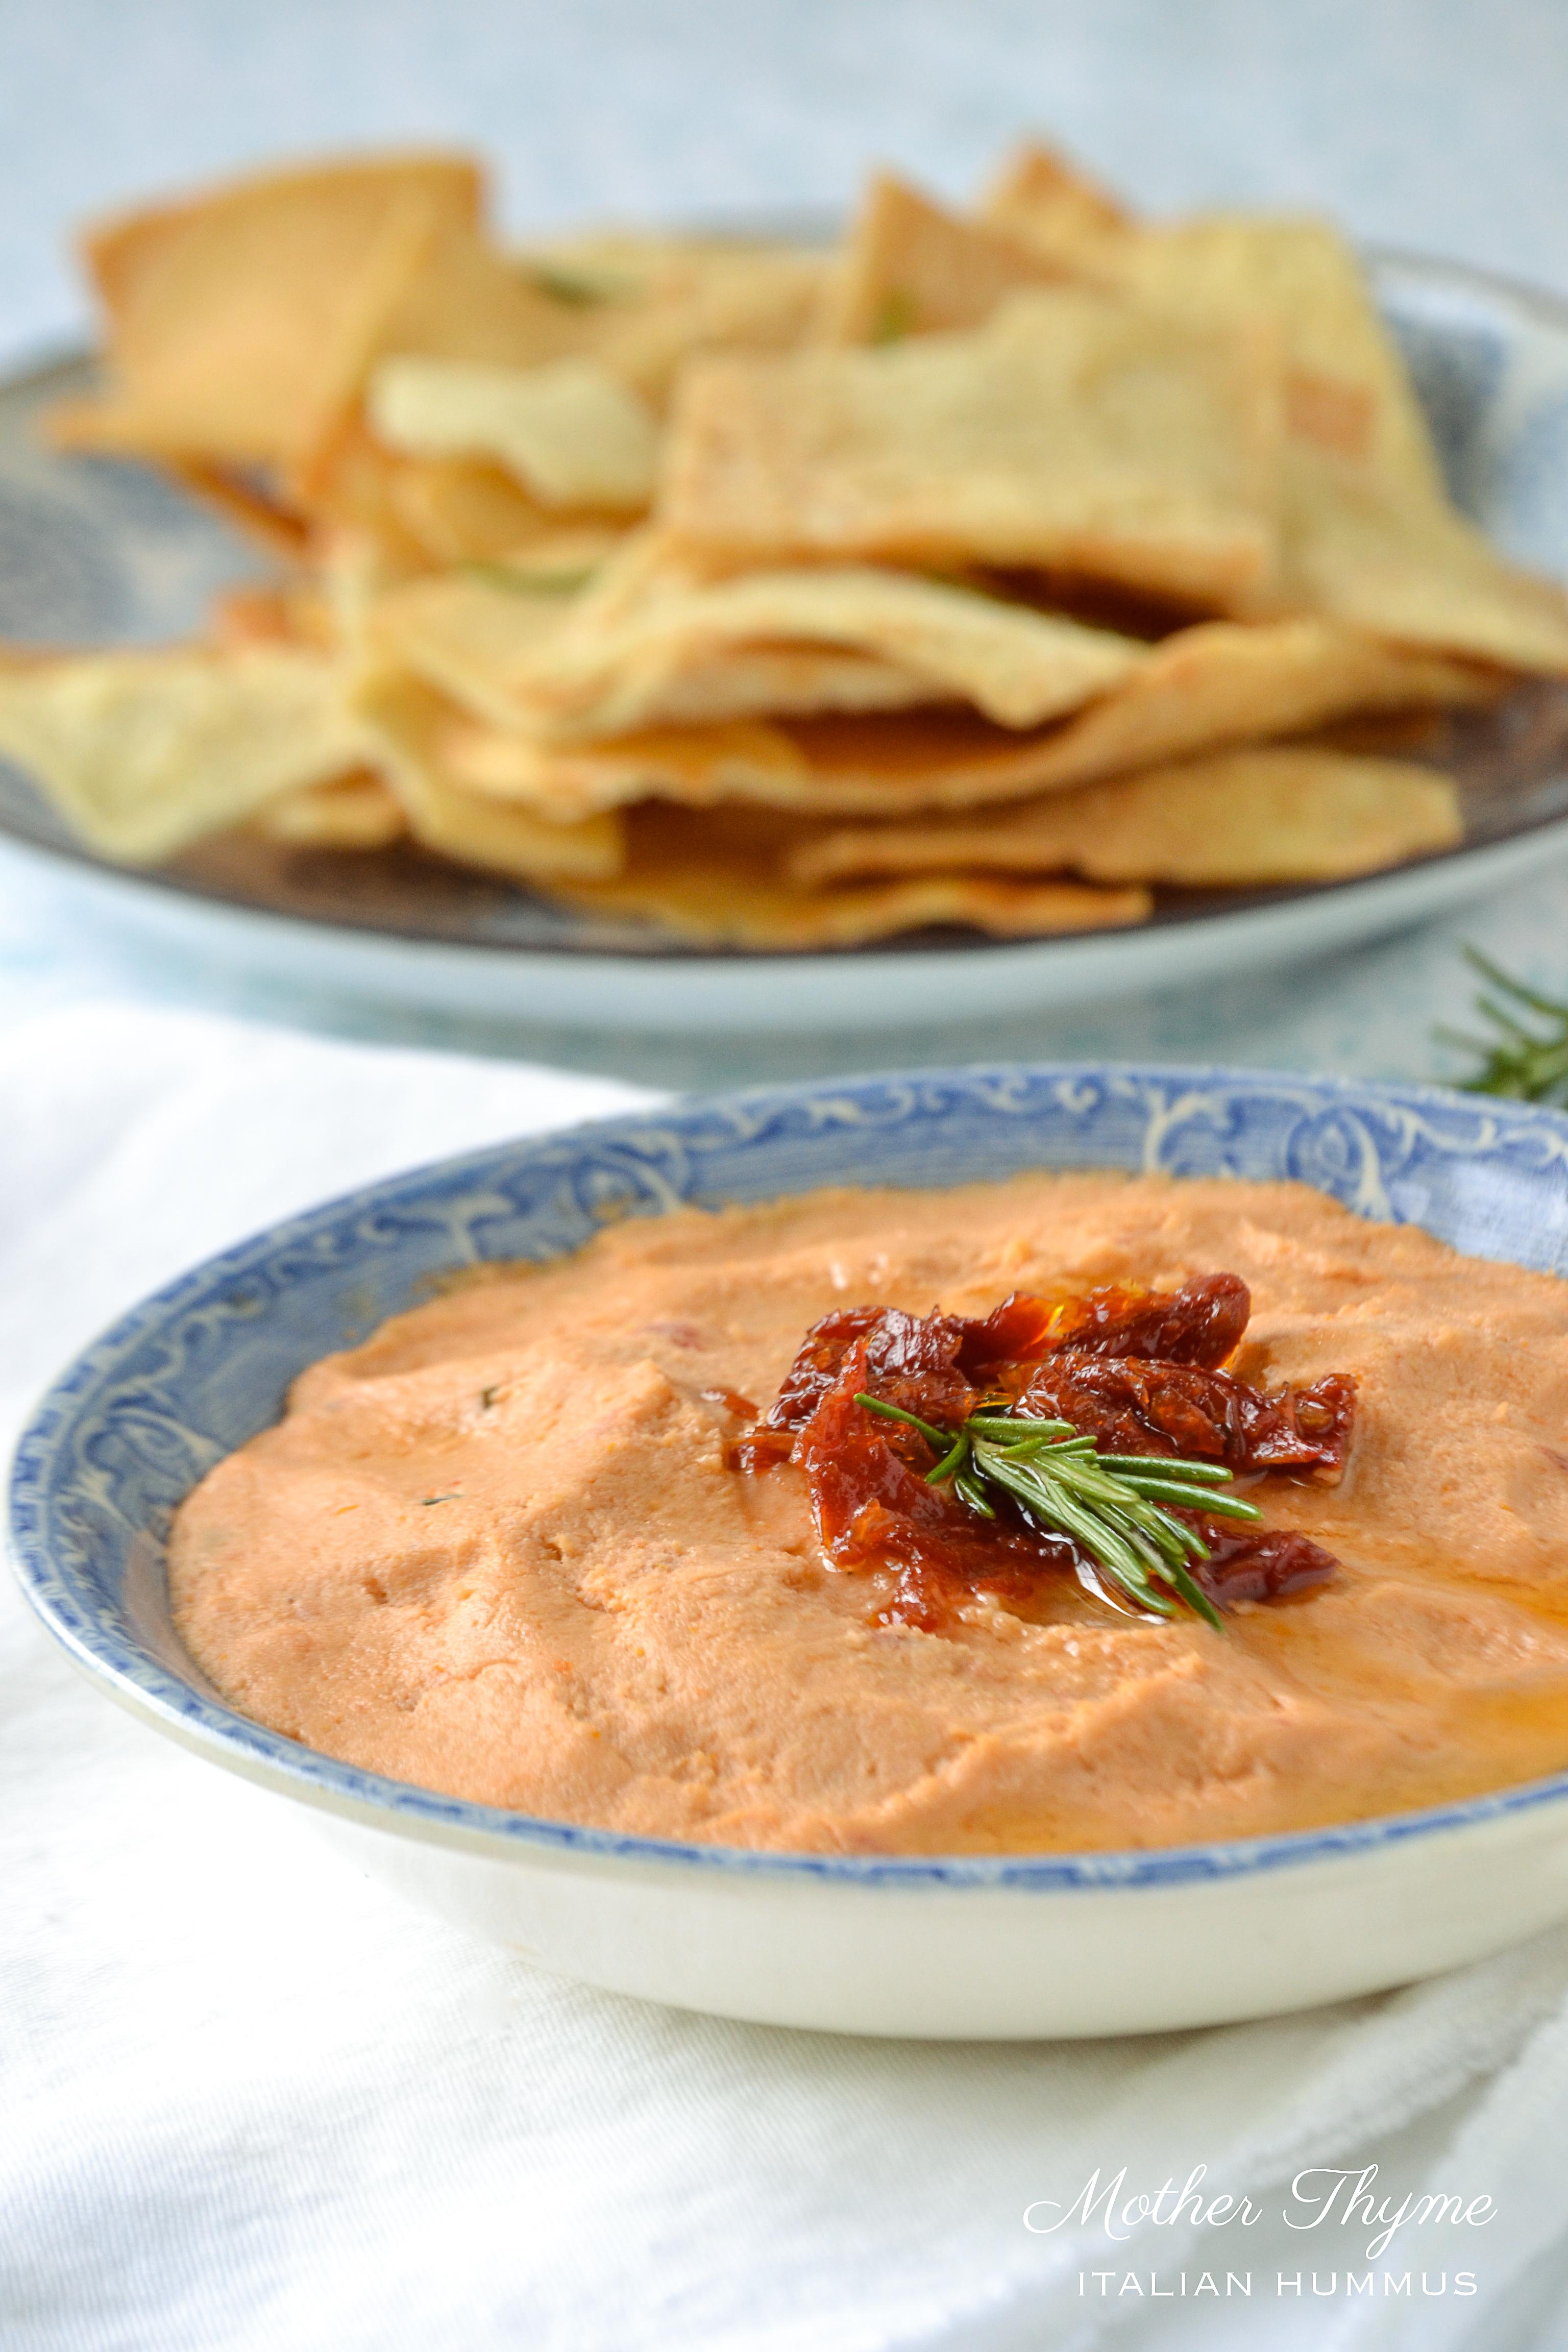 Italian Hummus